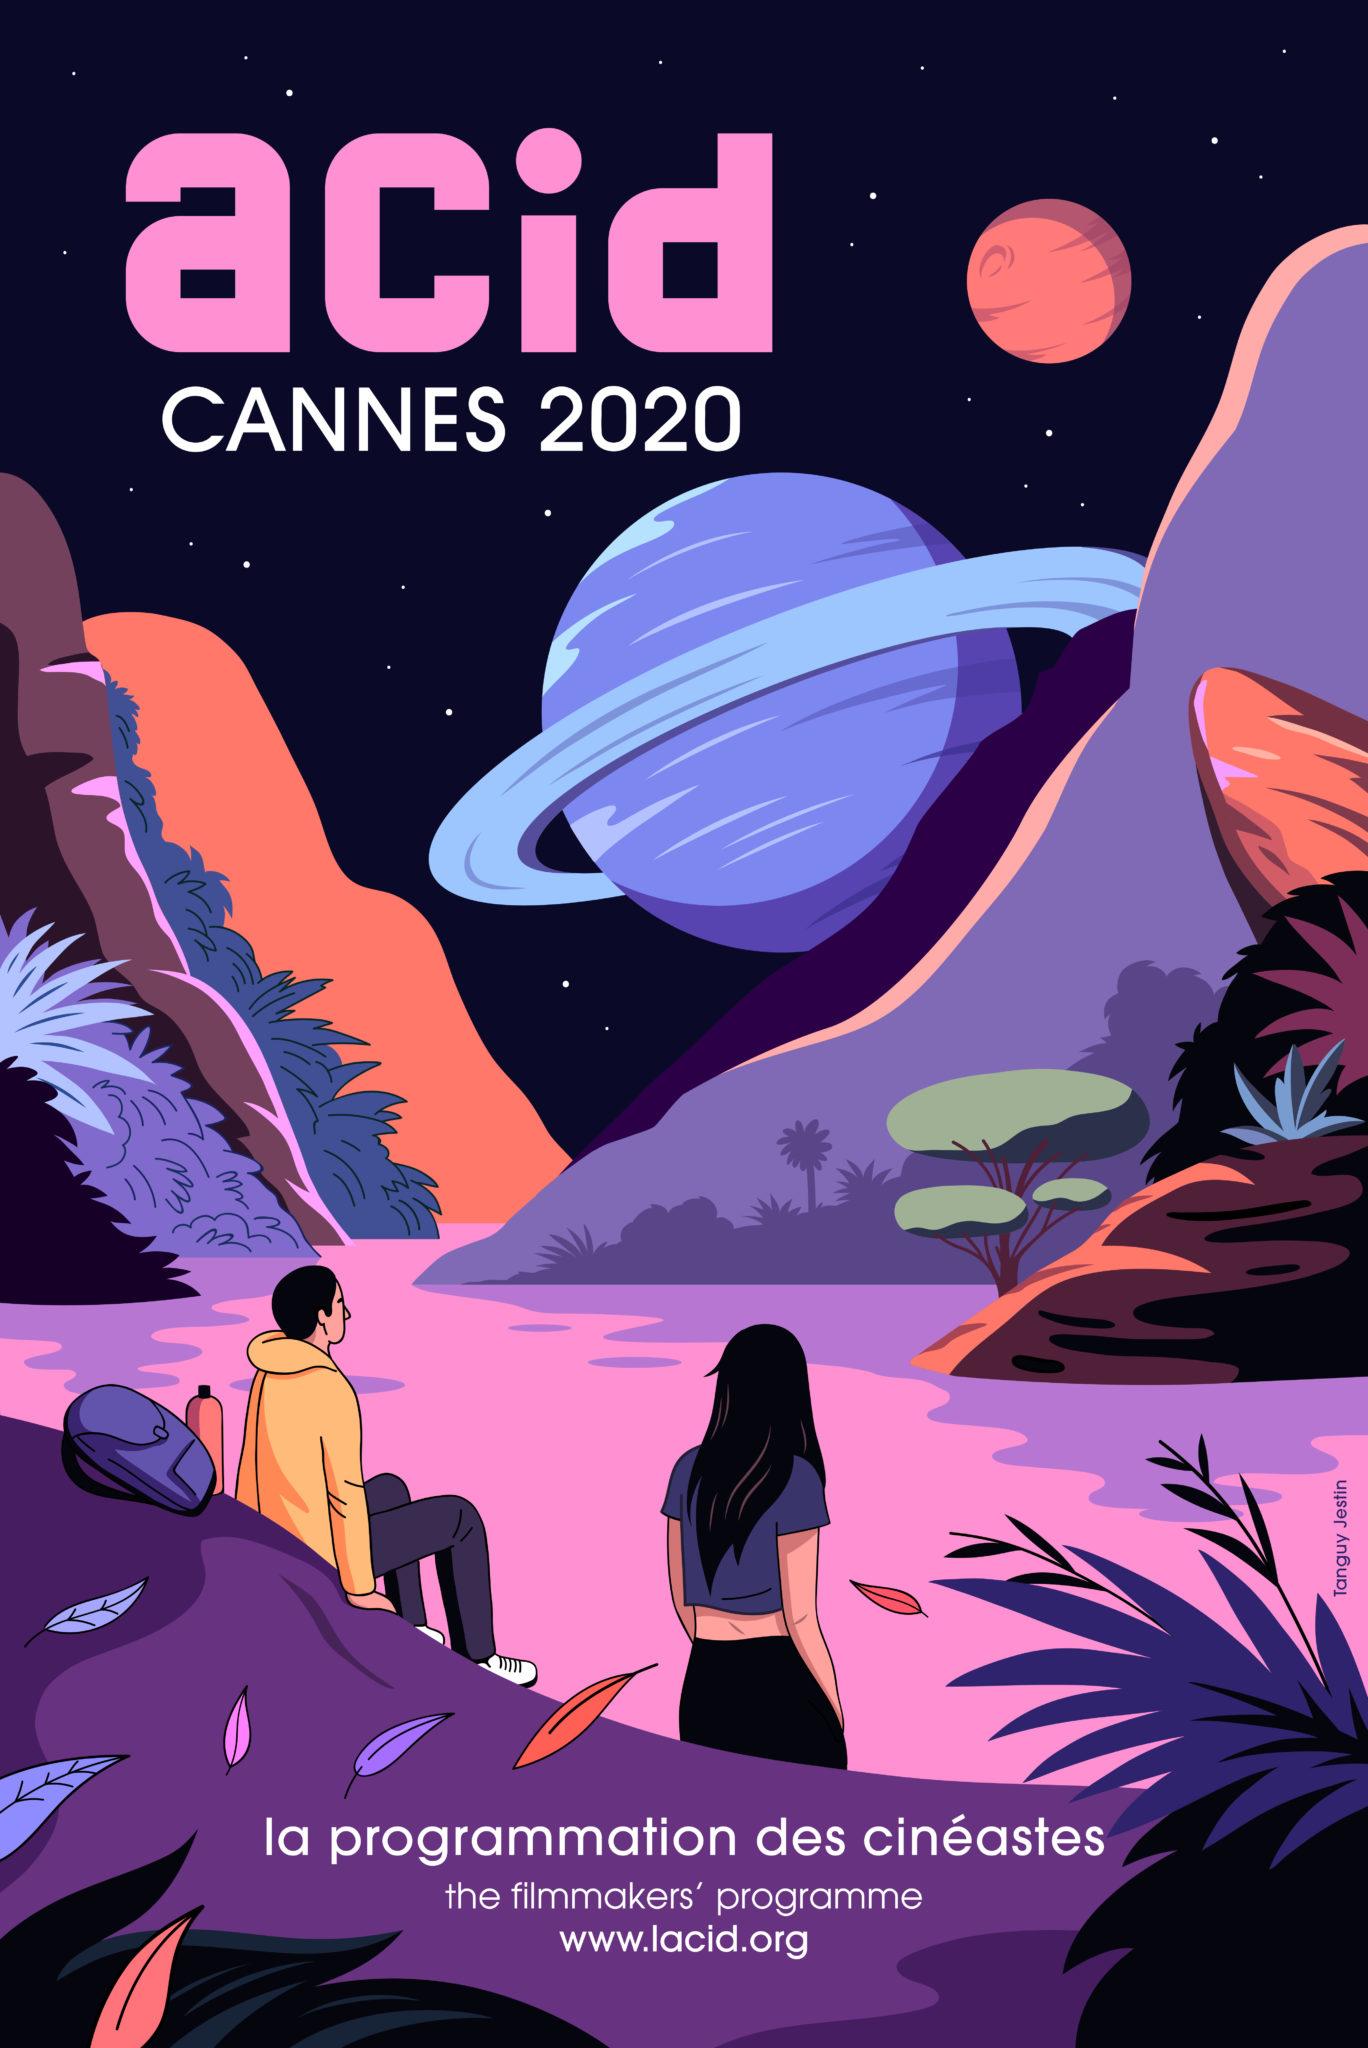 ACID Cannes 2020 : Hors les murs 7 image